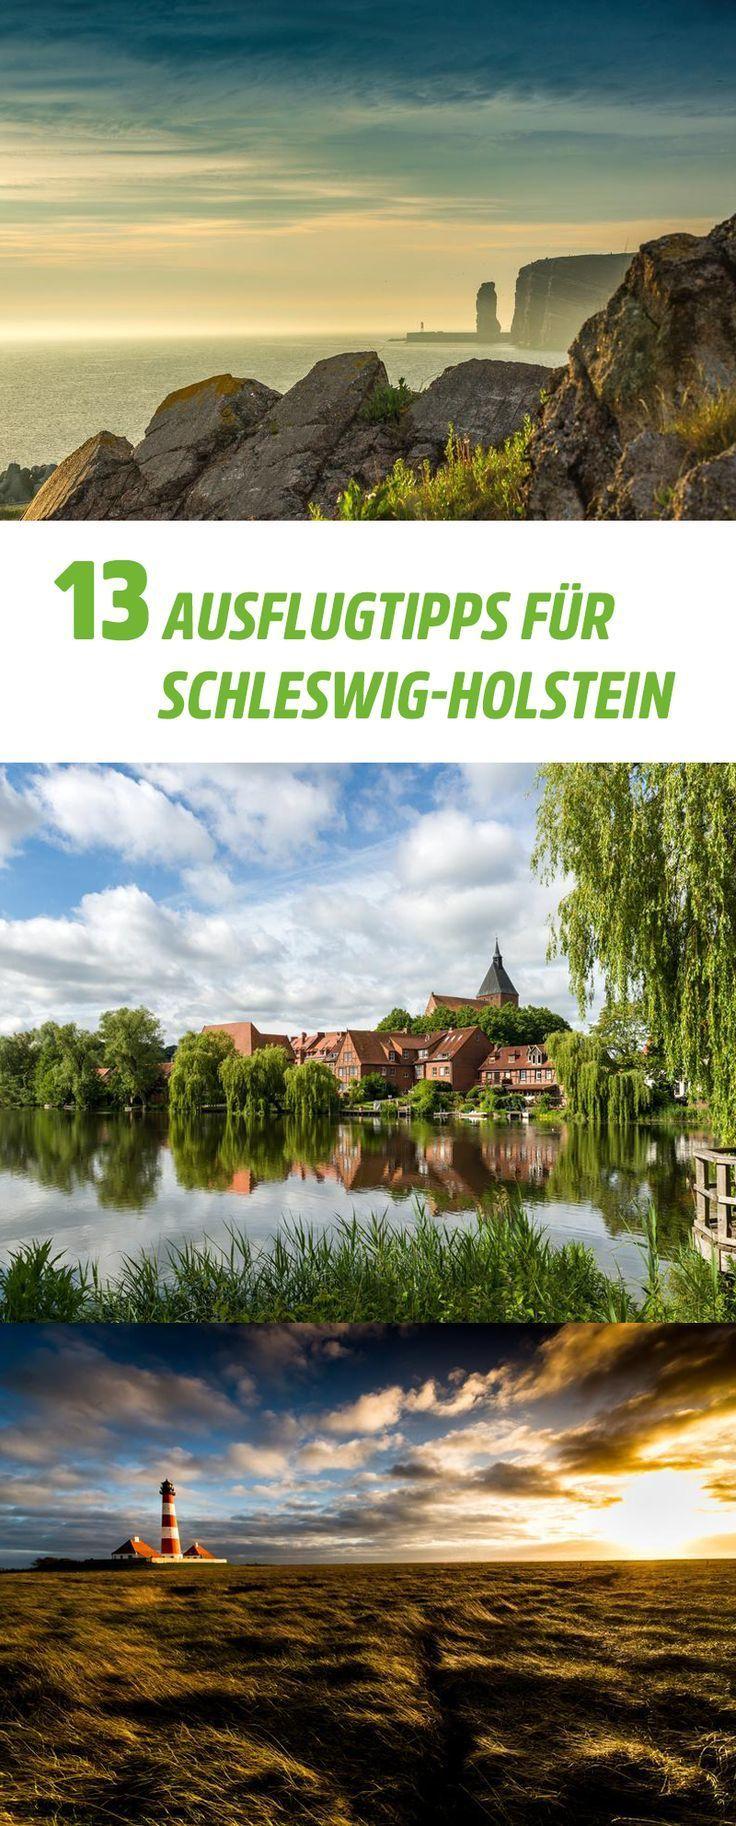 13 Gründe, warum die Menschen in Schleswig-Holstein so glücklich sind